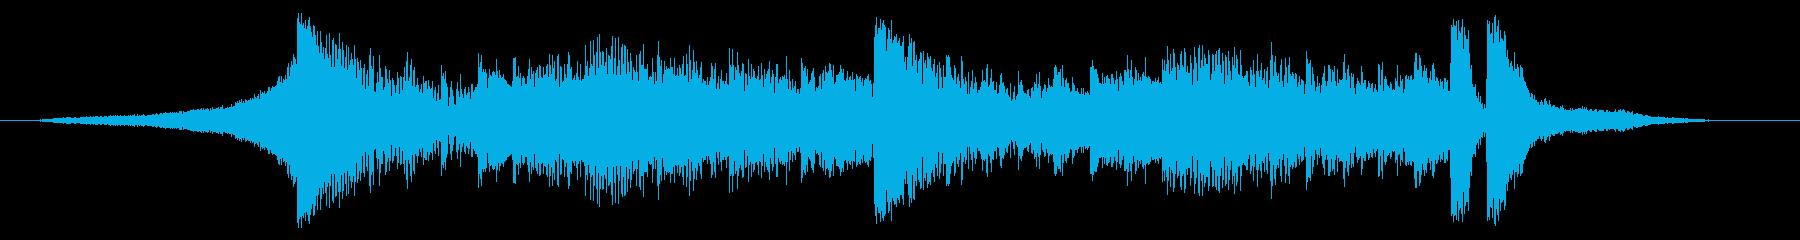 少し怪しさのあるロック-バンパーの再生済みの波形